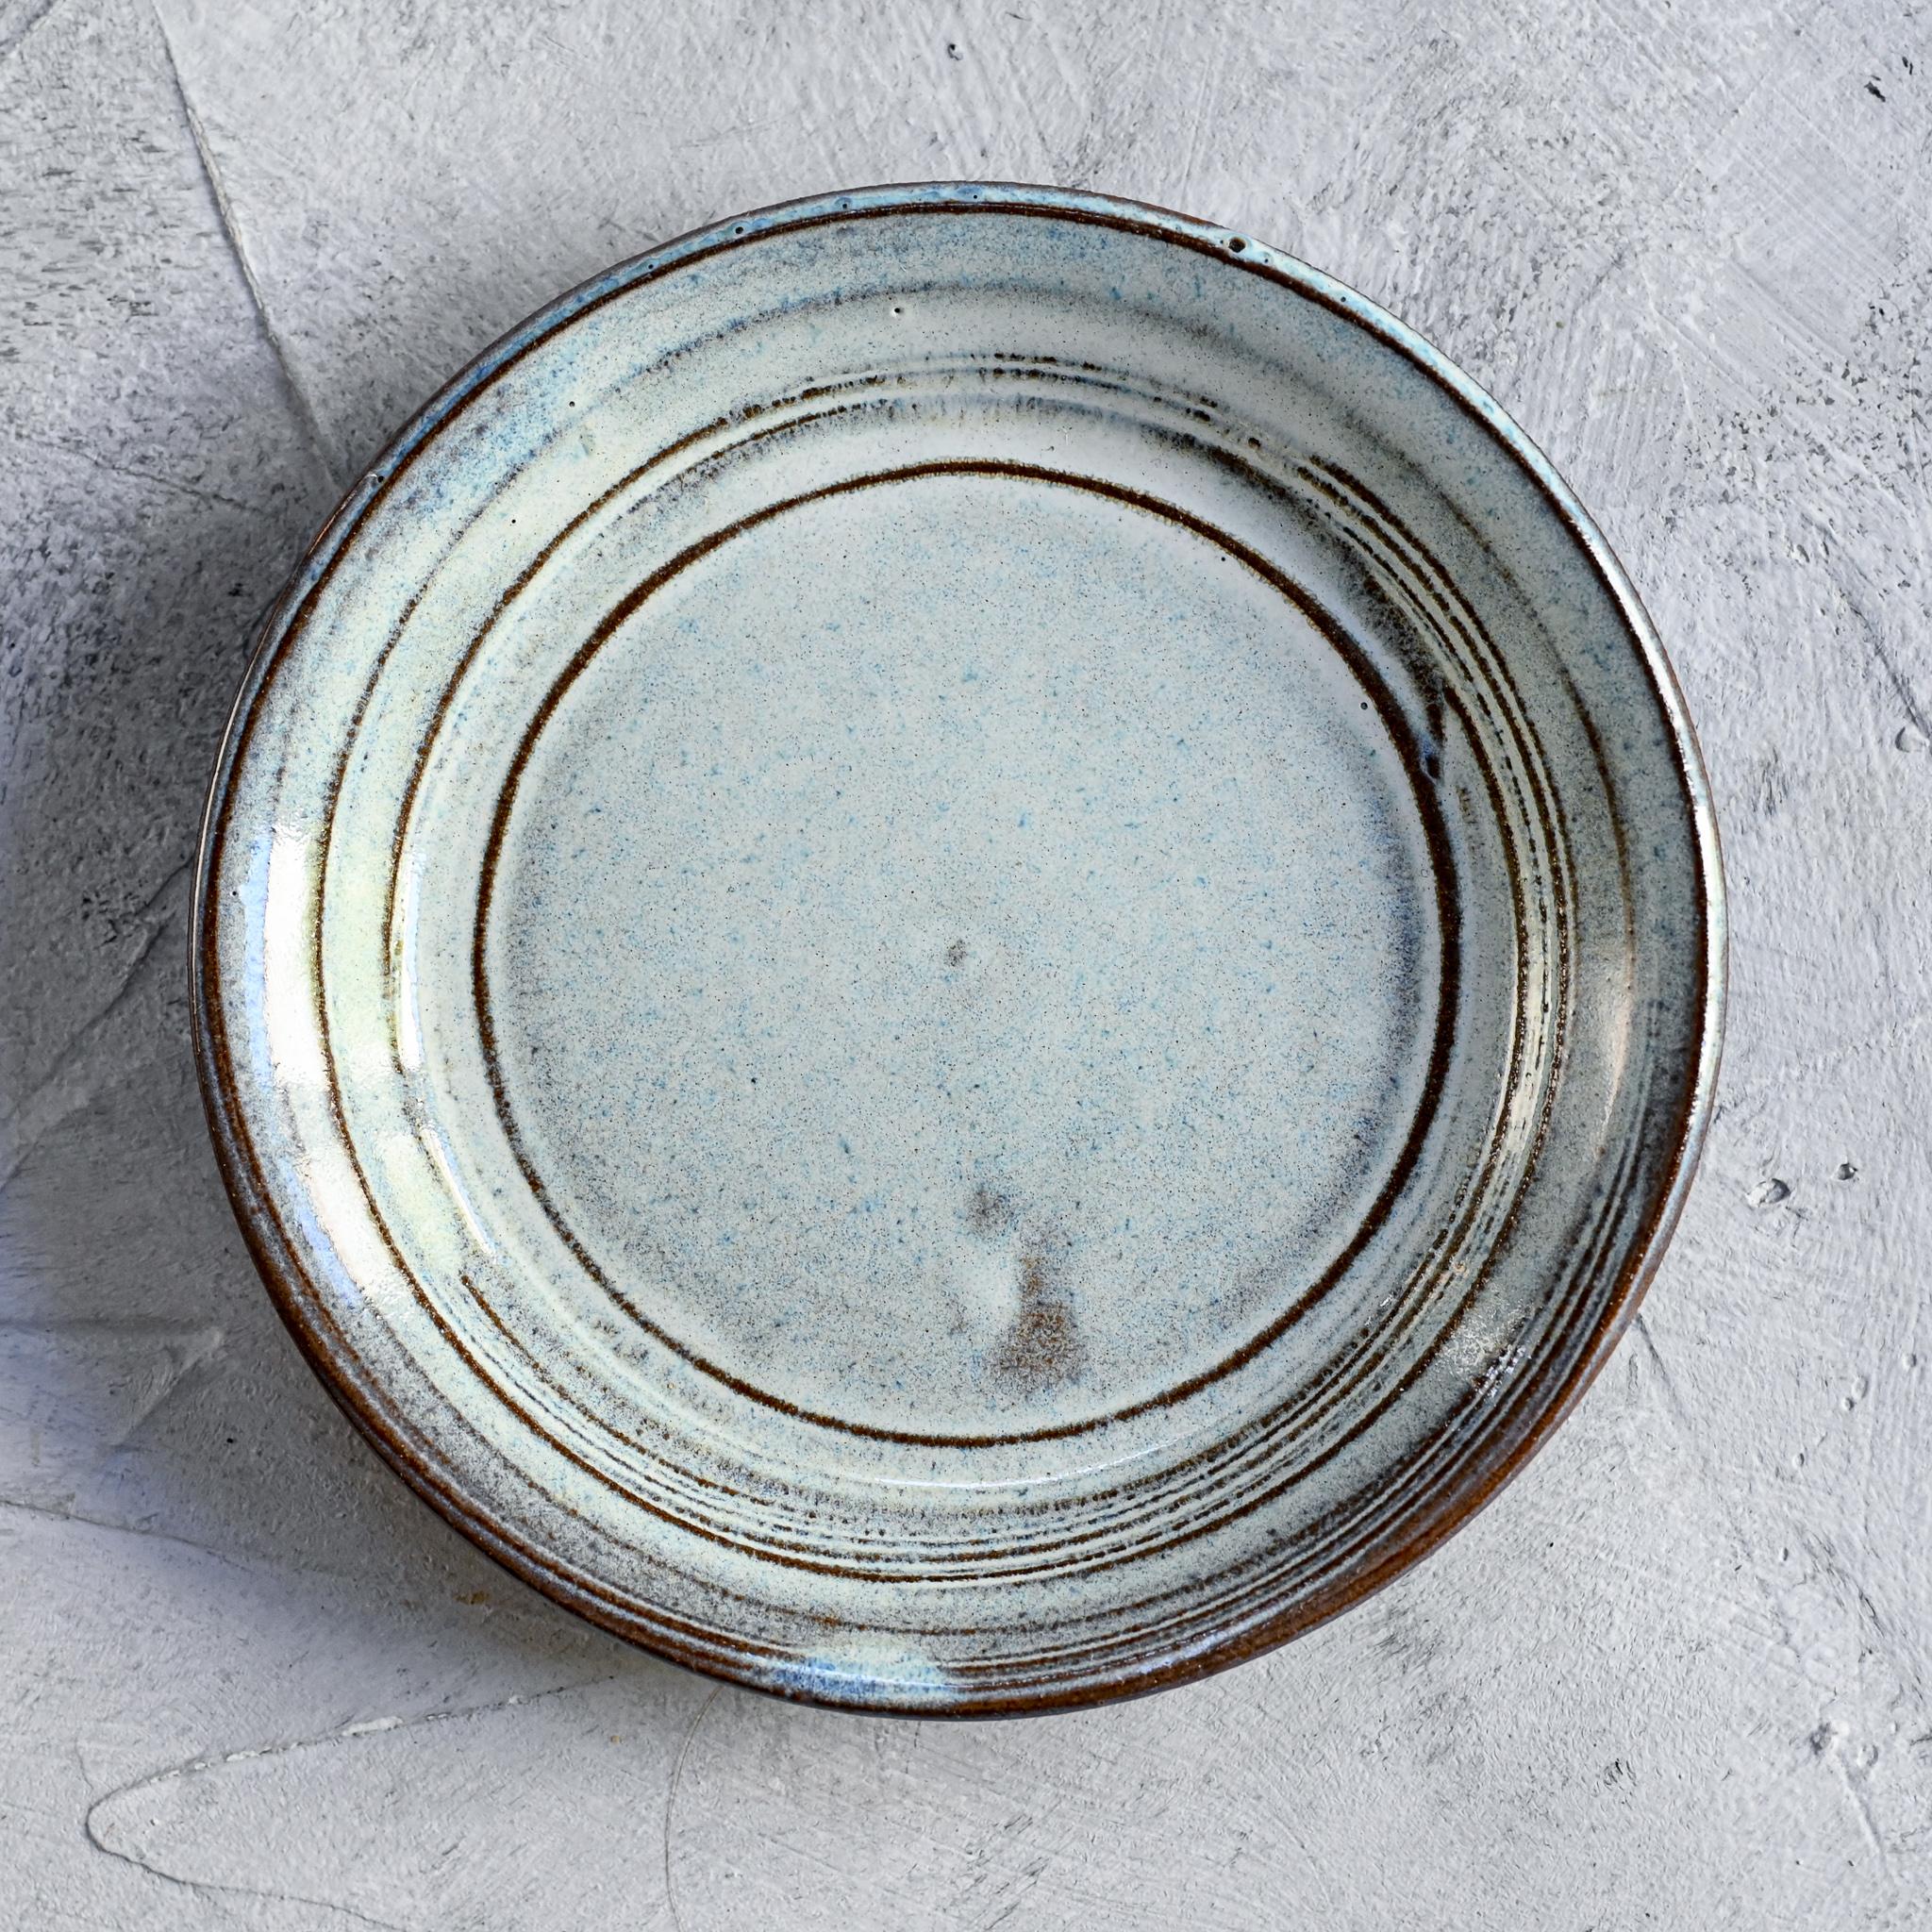 """картинка Керамическое блюдце """"Джинсовая серия"""" - DishWishes.Ru"""